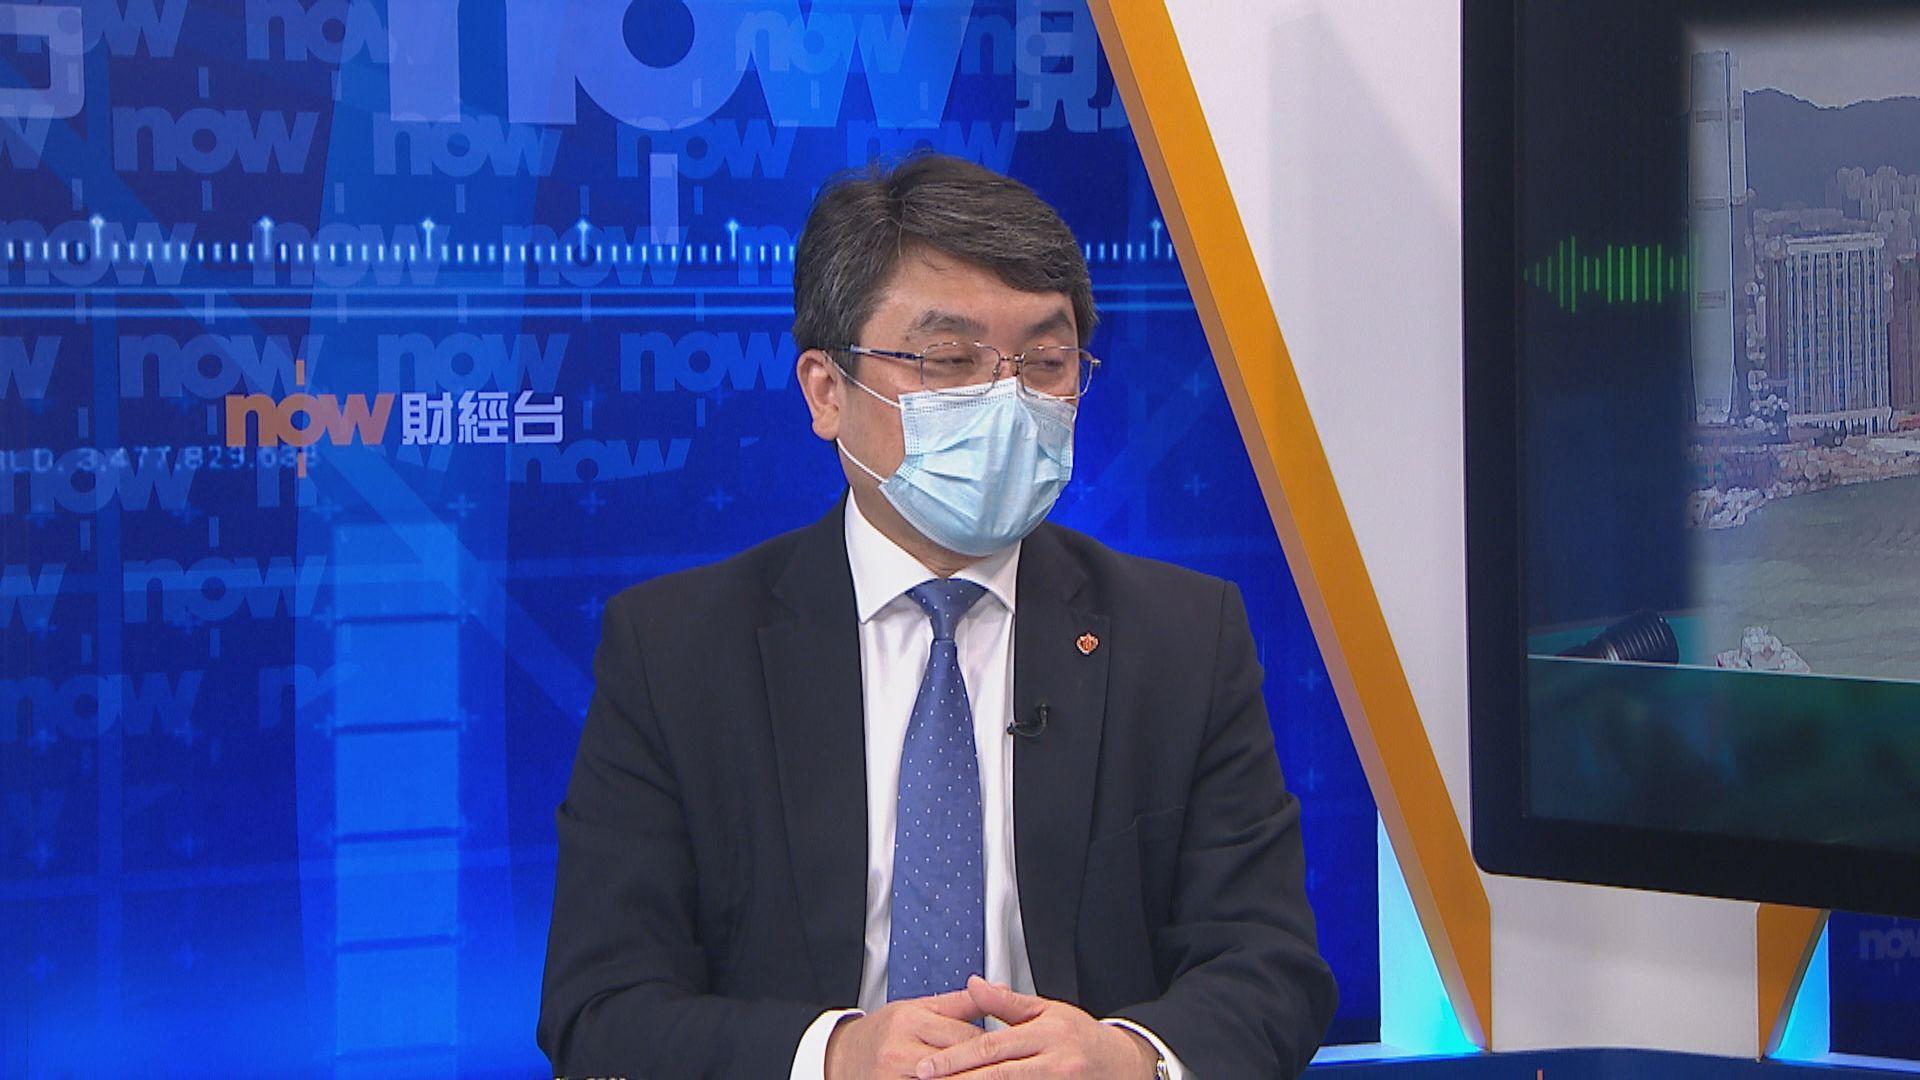 楊諦岡:削減近五成非緊急服務集中人手抗疫